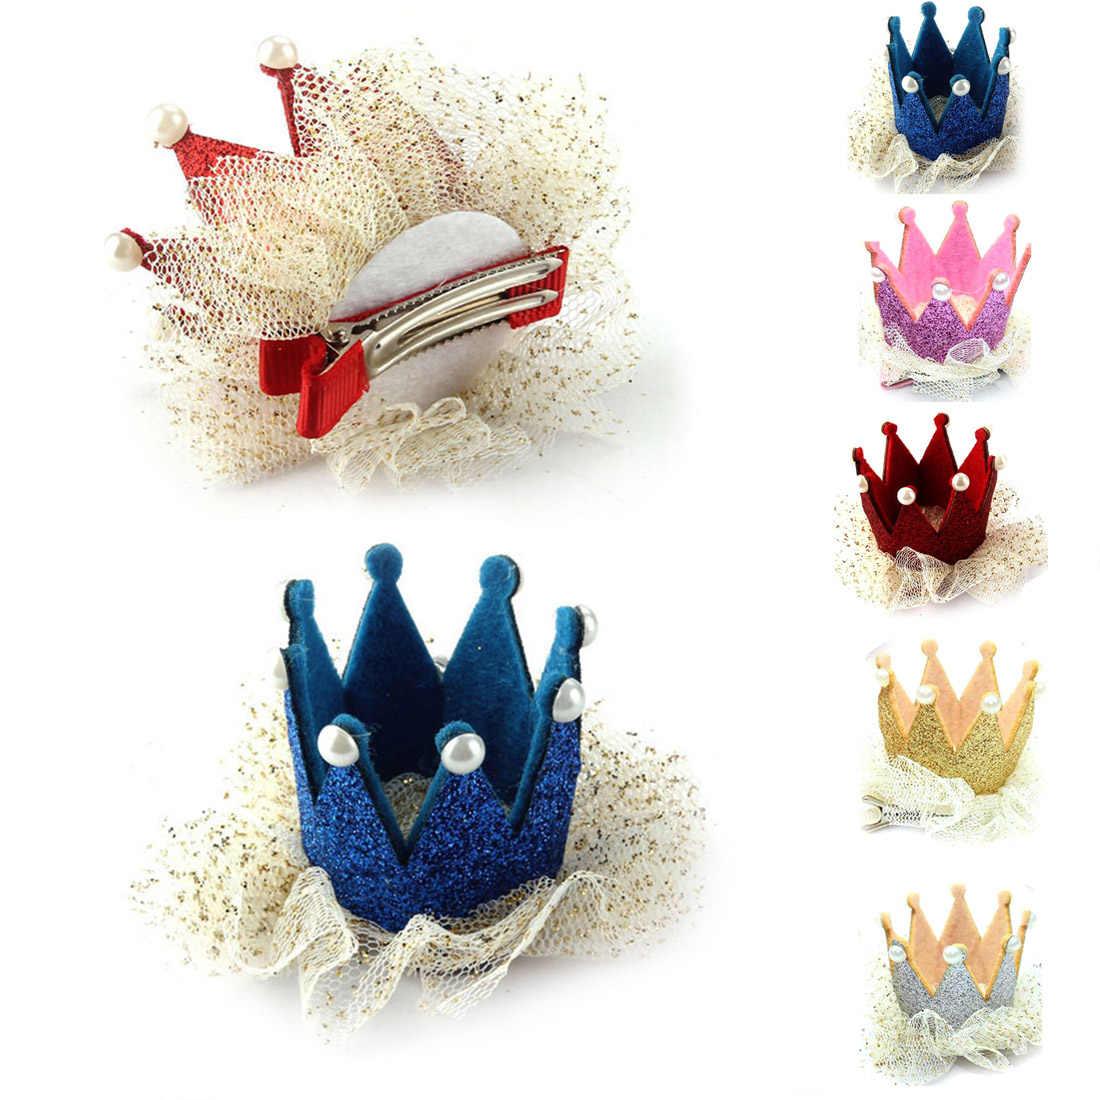 Современные украшения Аксессуары Детская шпилька принцесса Корона с жемчугом принцесса зажим для волос для детей аксессуары для вечеринок головной убор